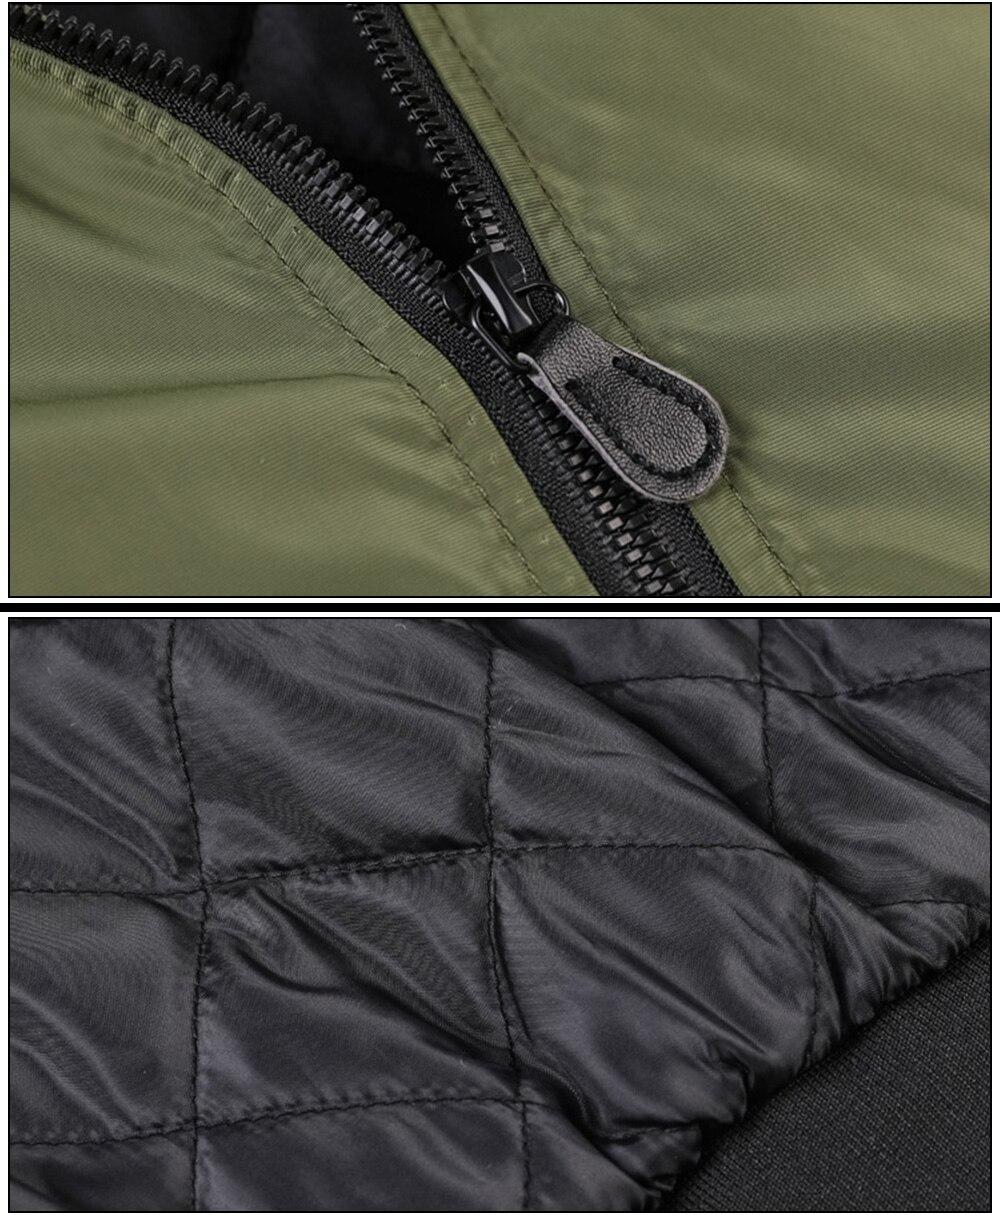 Ανδρικό μπουφάν φθινοπωρινό στρατιωτικού στυλ αντιανεμικό σε μεγάλα μεγέθη msow